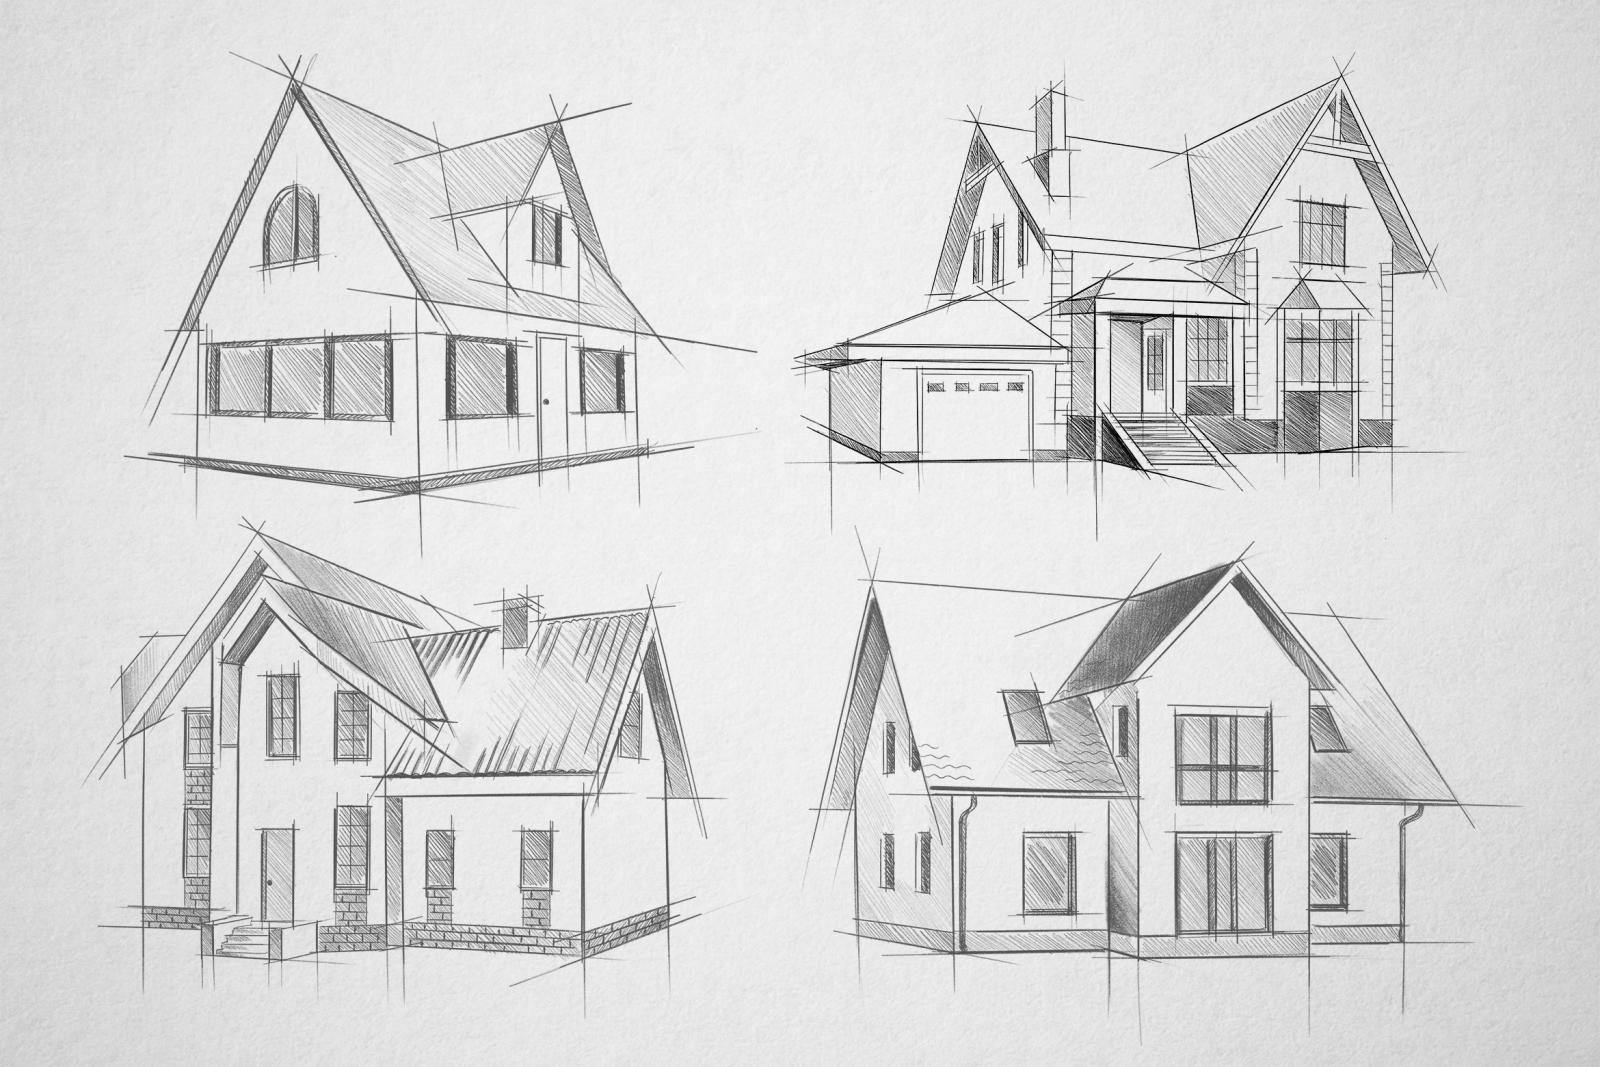 La arquitectura de contenidos de un sitio web es anterior a su construcción, al igual que levantar una casa